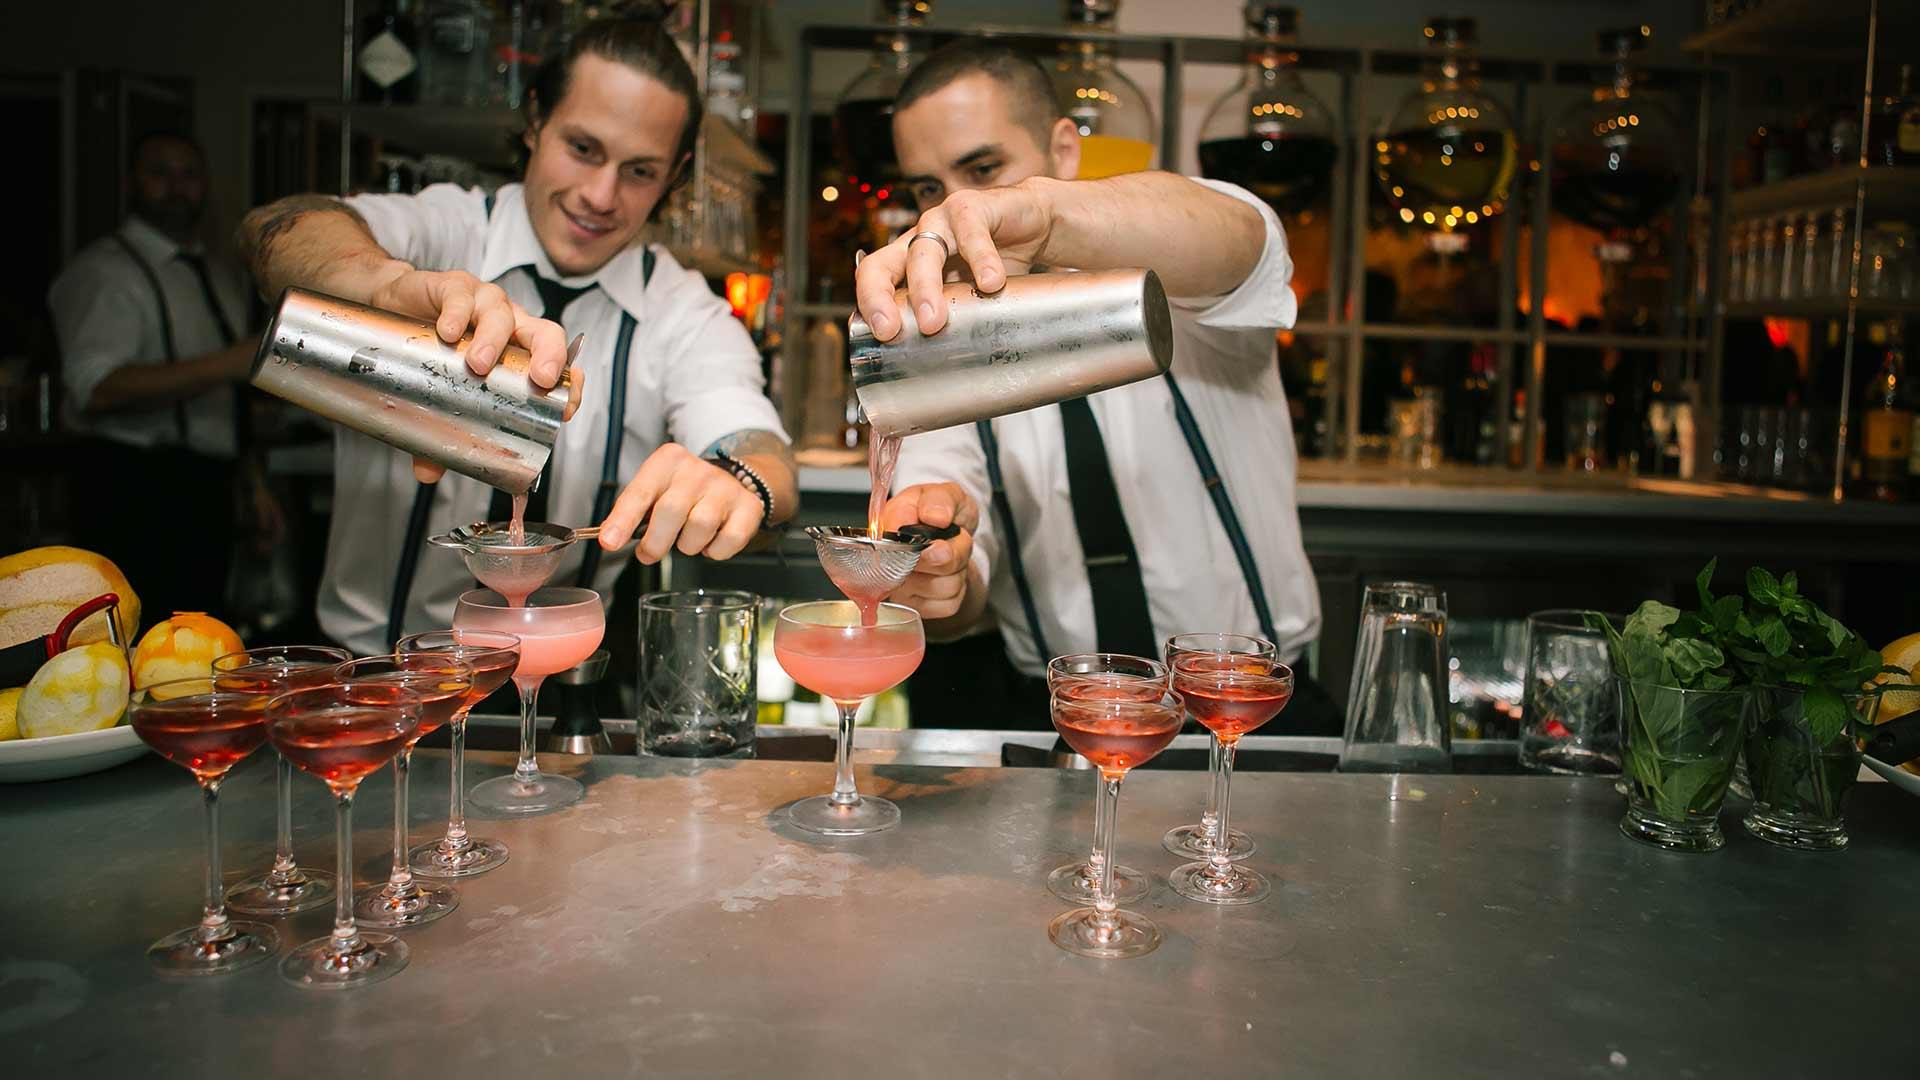 continental restaurant kitchen chefs